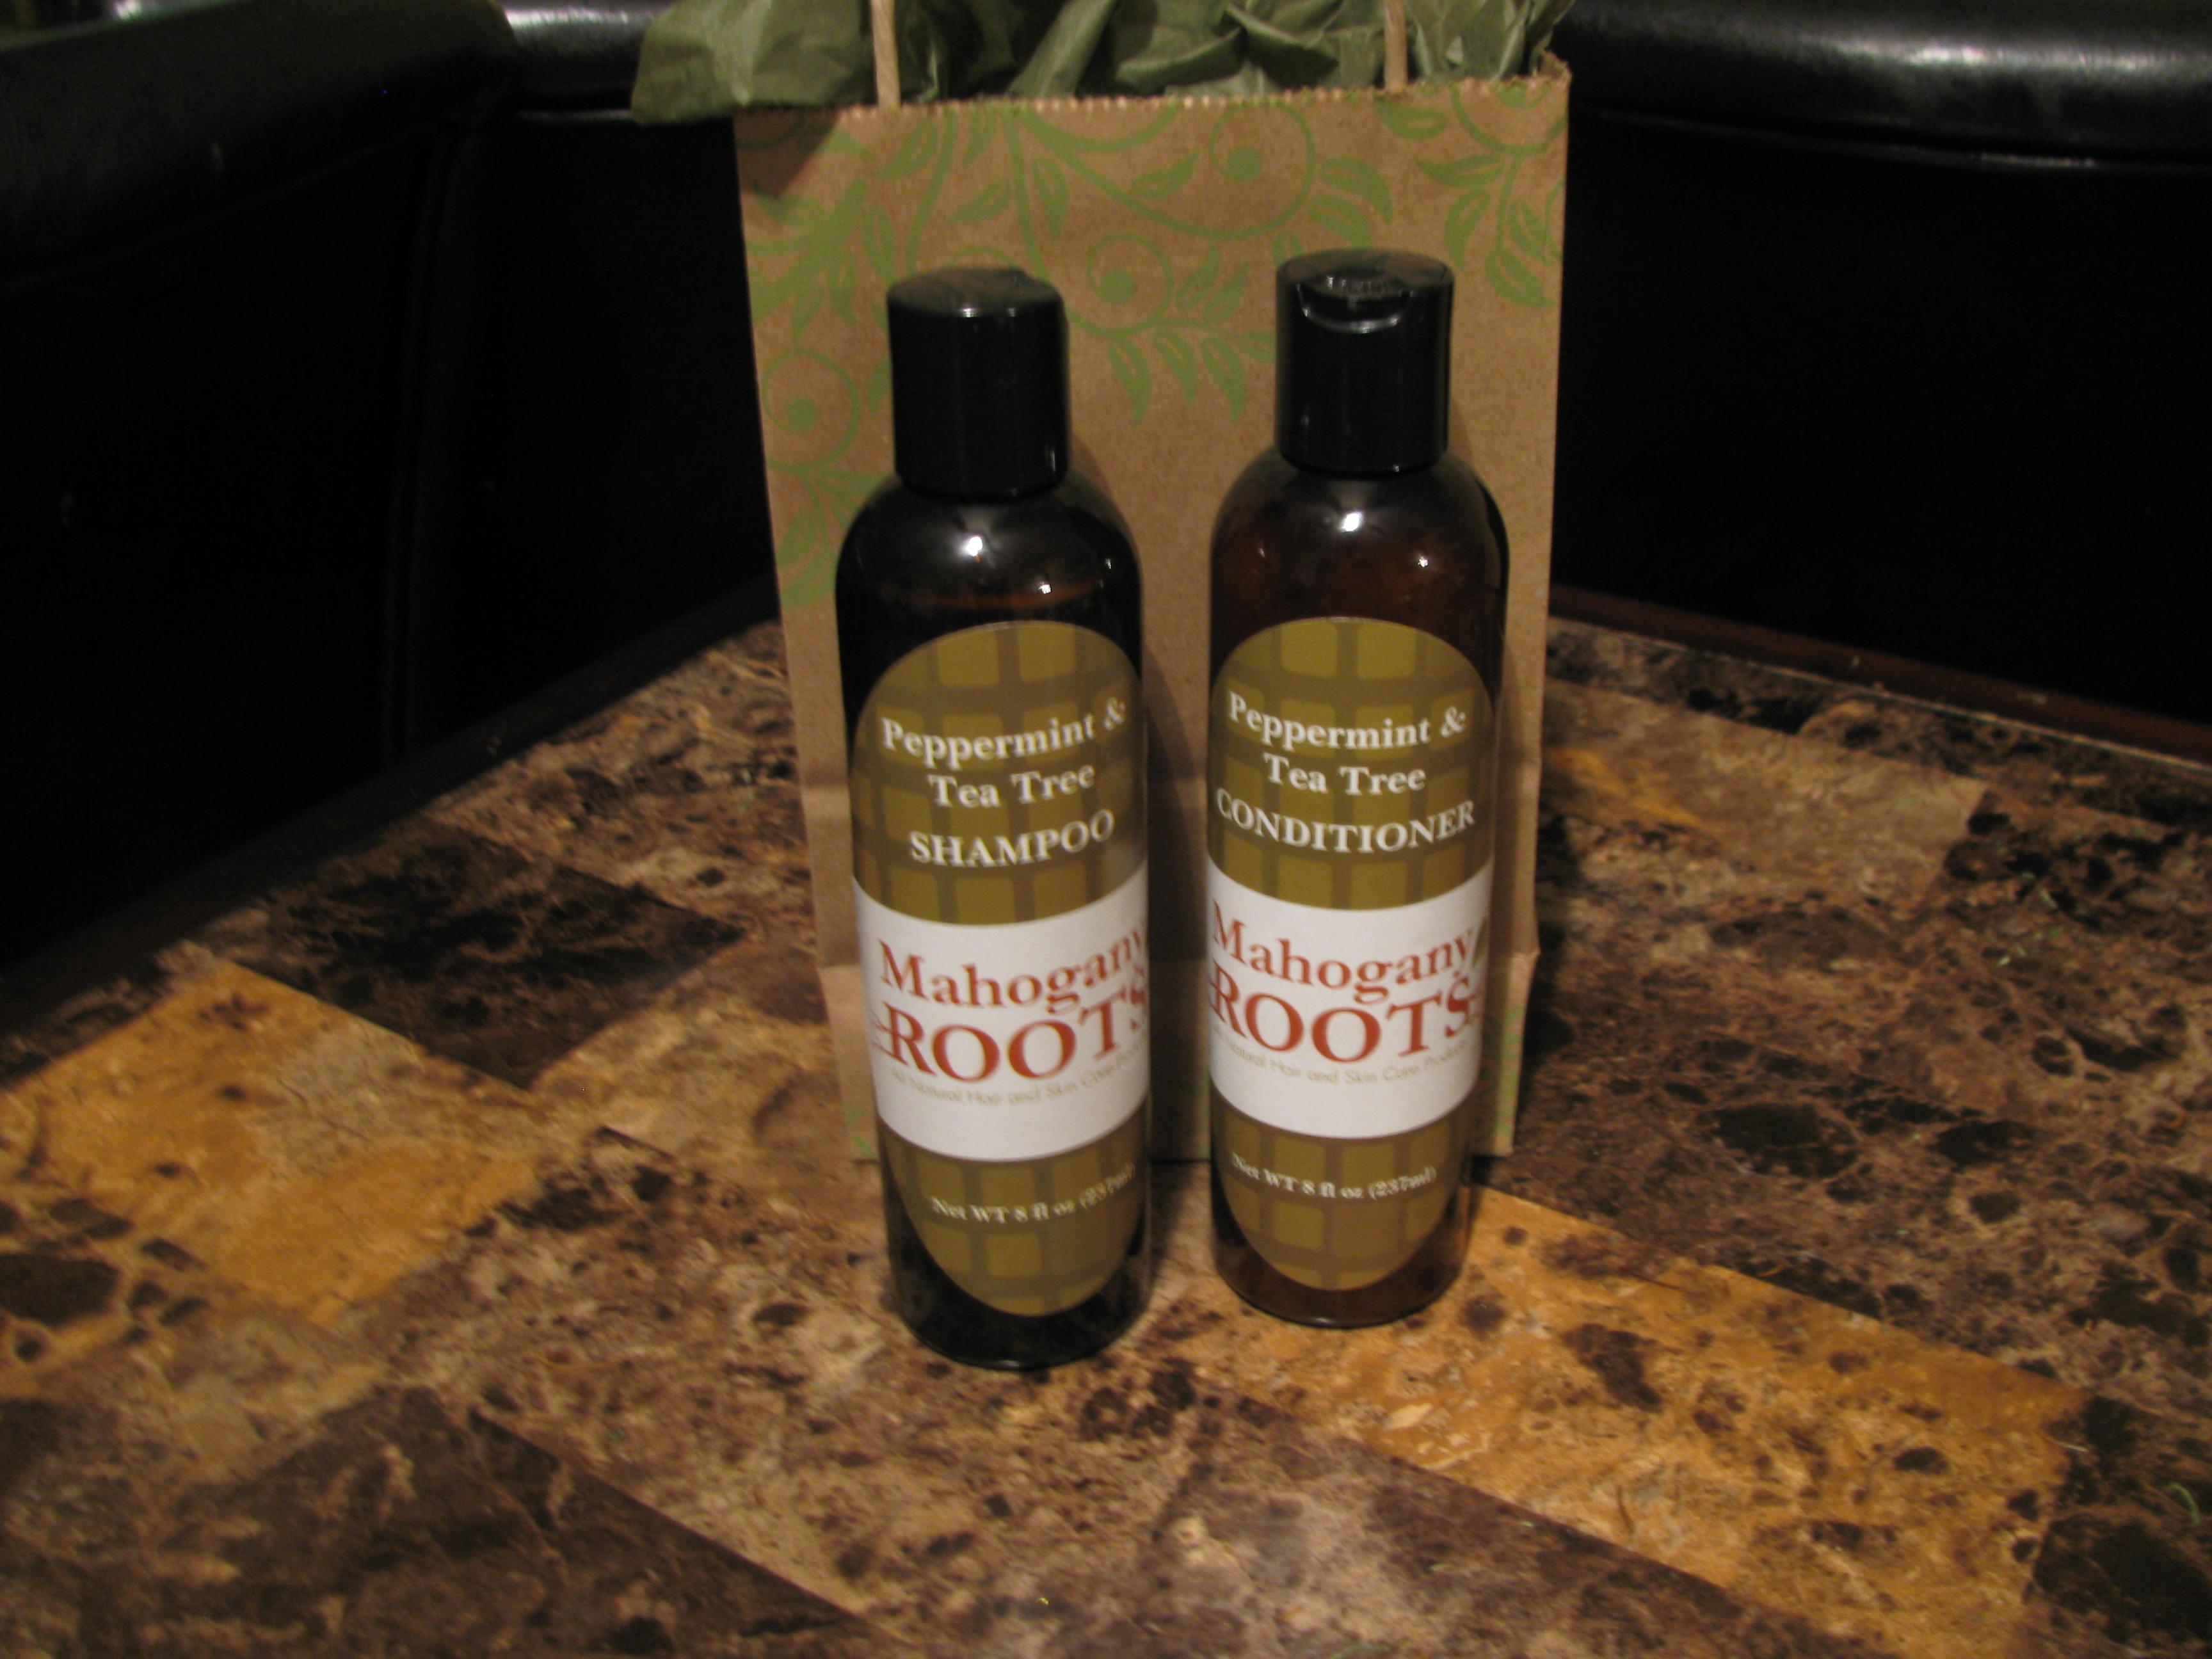 Peppermint and Tea Tree Shampoo